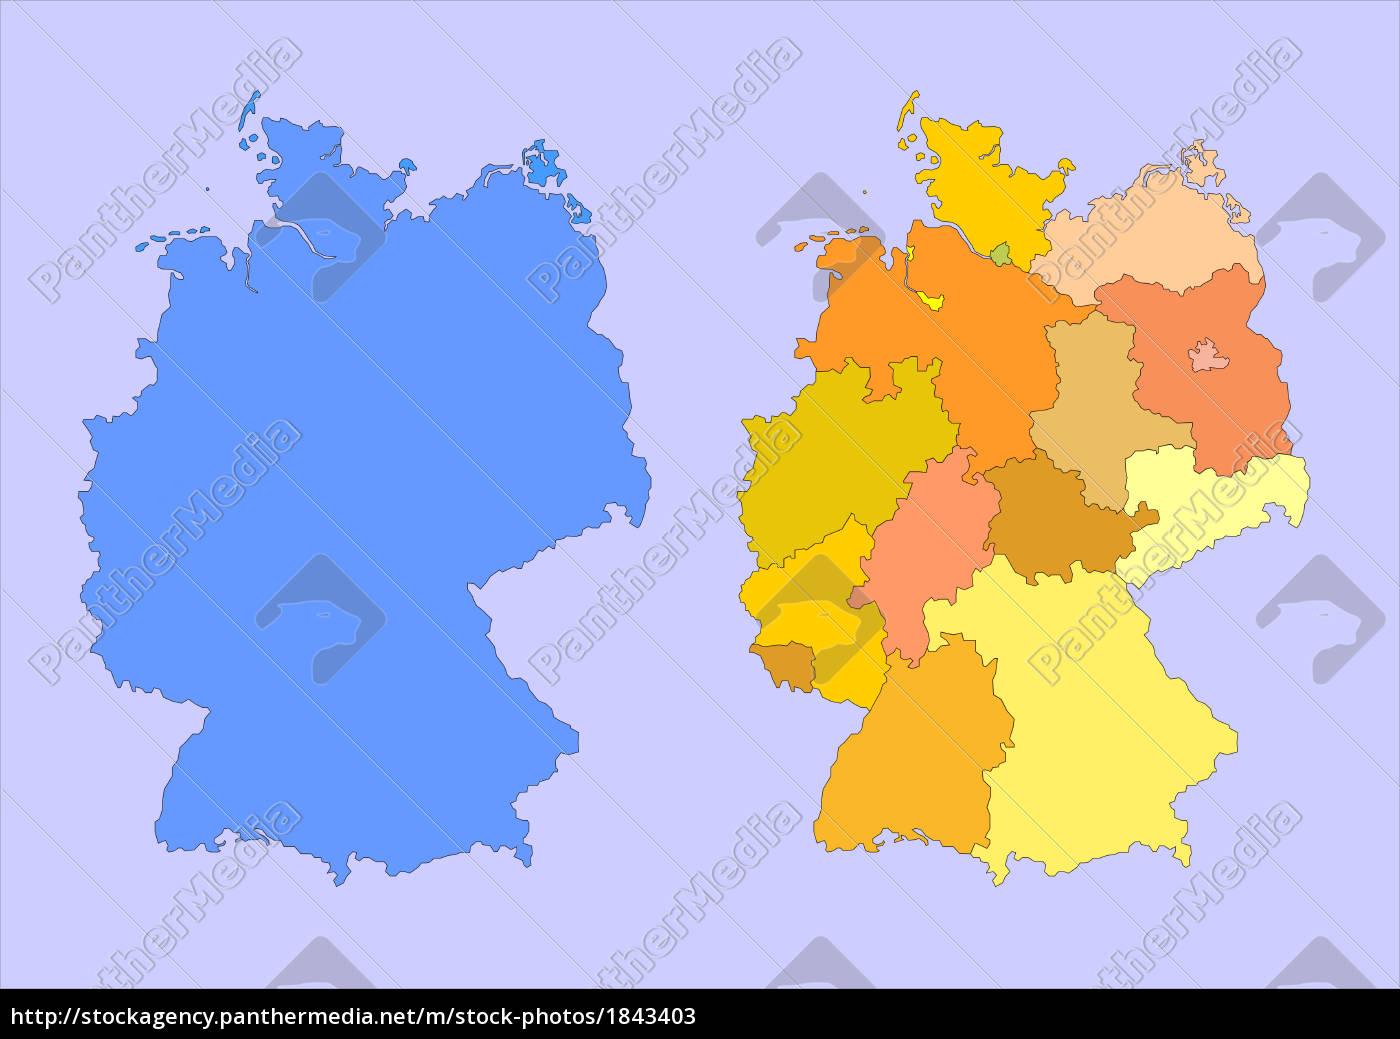 Karte Bundesländer.Lizenzfreies Bild 1843403 Deutschland Karte Landkarte Bundesländer